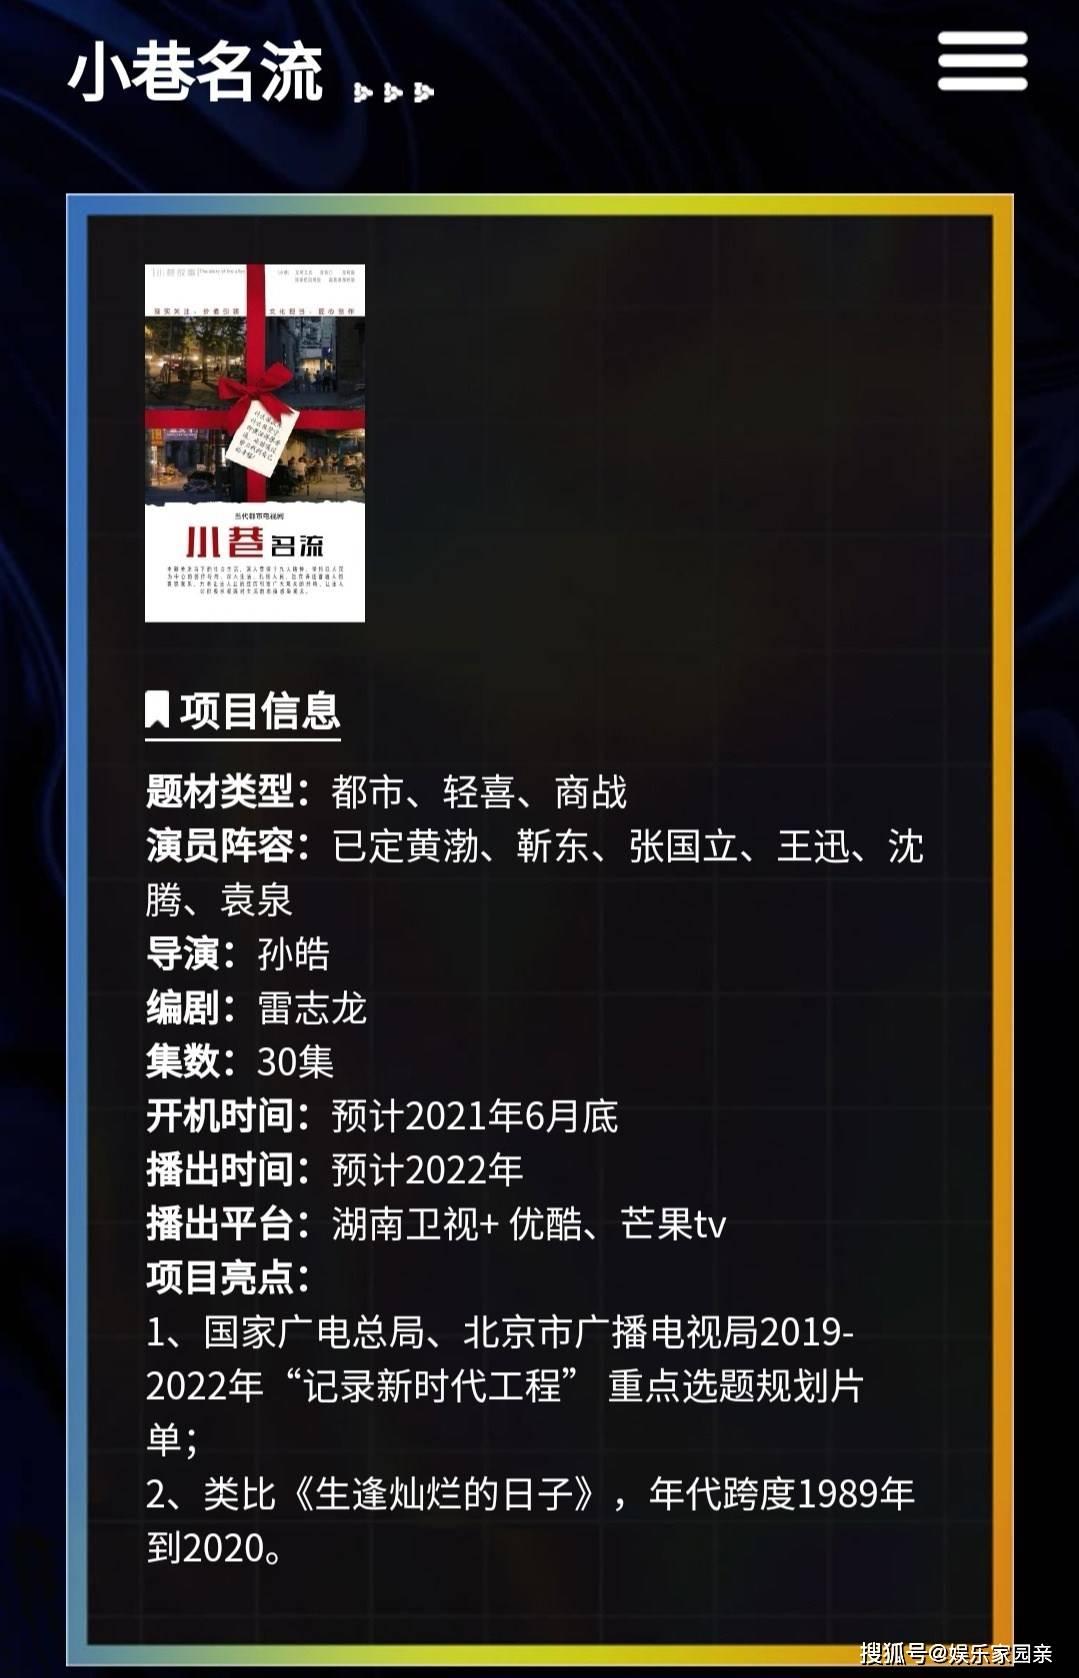 菲娱国际注册登录-首页【1.1.3】